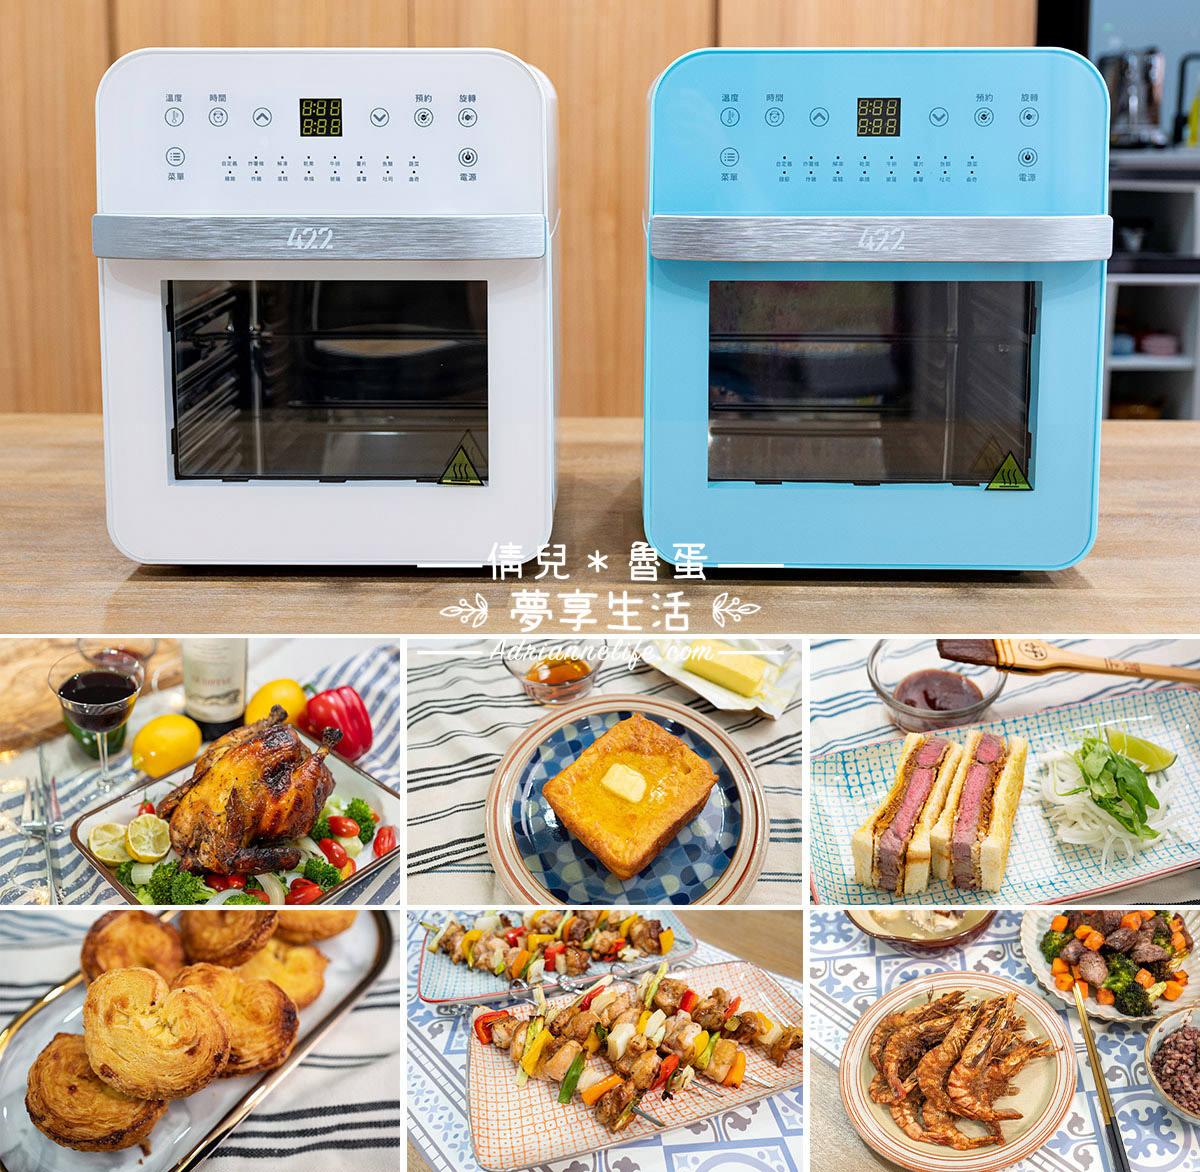 【團購】韓國422氣炸烤箱&氣炸鍋,廚房菜鳥也能輕鬆做出一桌好菜!(下次開團4/22)